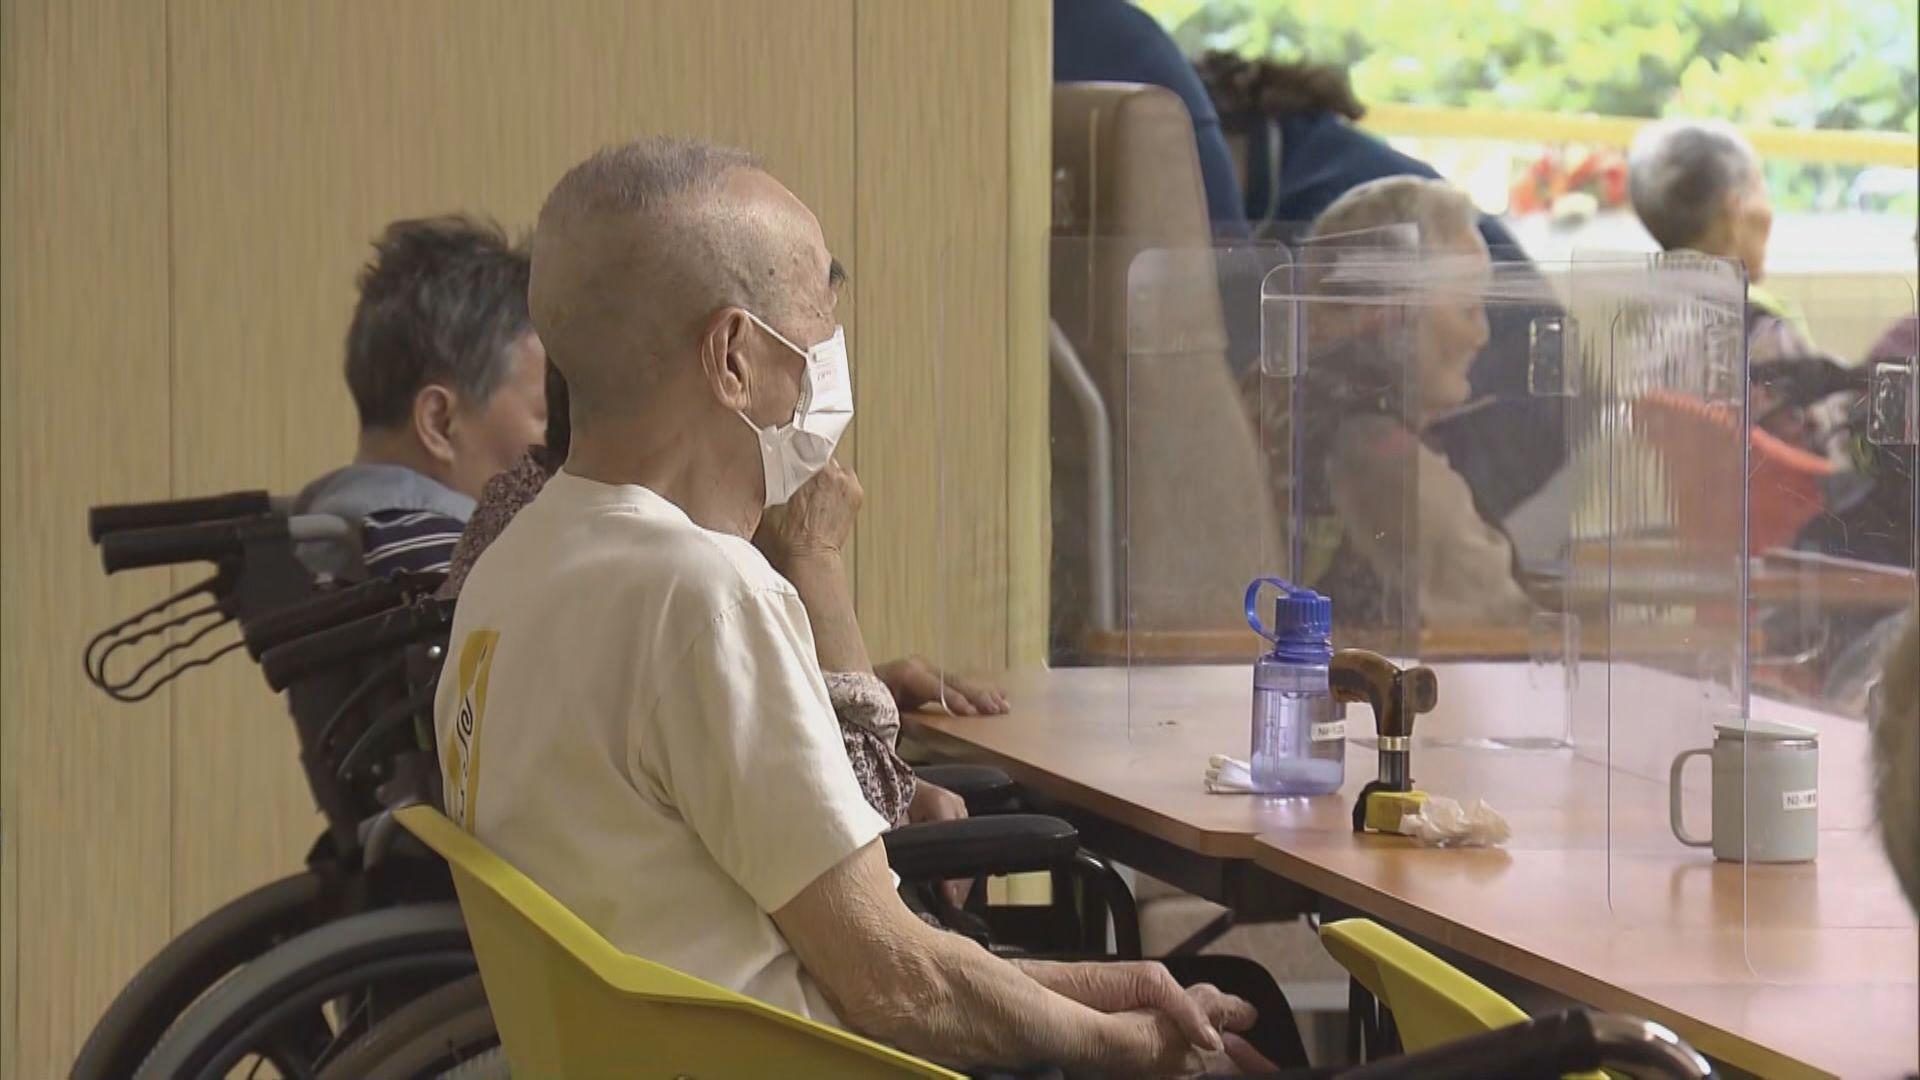 【新冠病毒個案統計】醫管局:年長及入住院舍確診長者死亡率較高